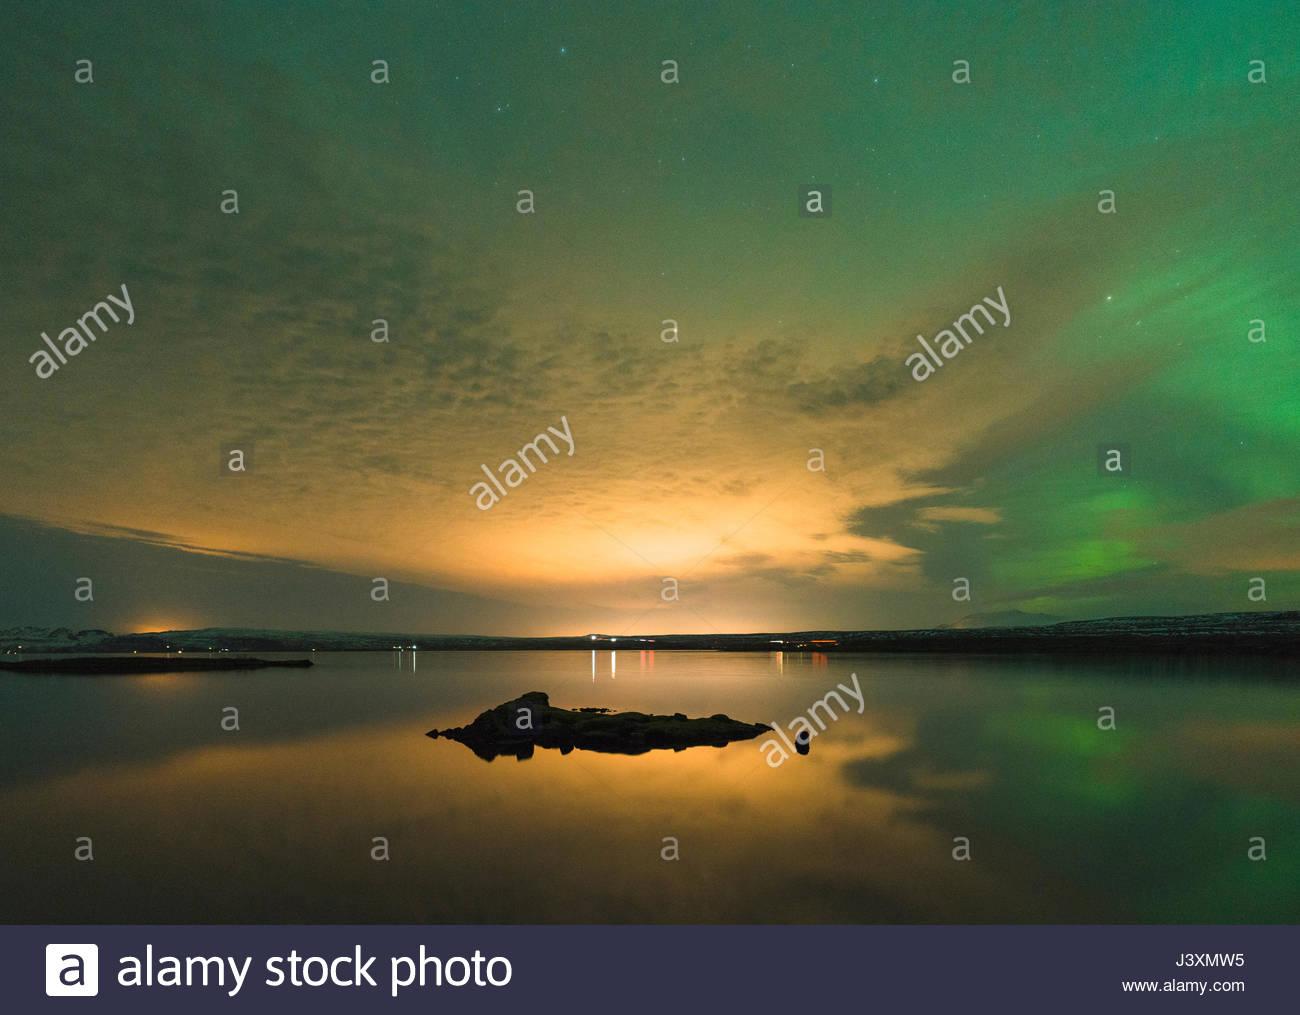 Sunset and aurora borealis, Thingvellir, Iceland - Stock Image